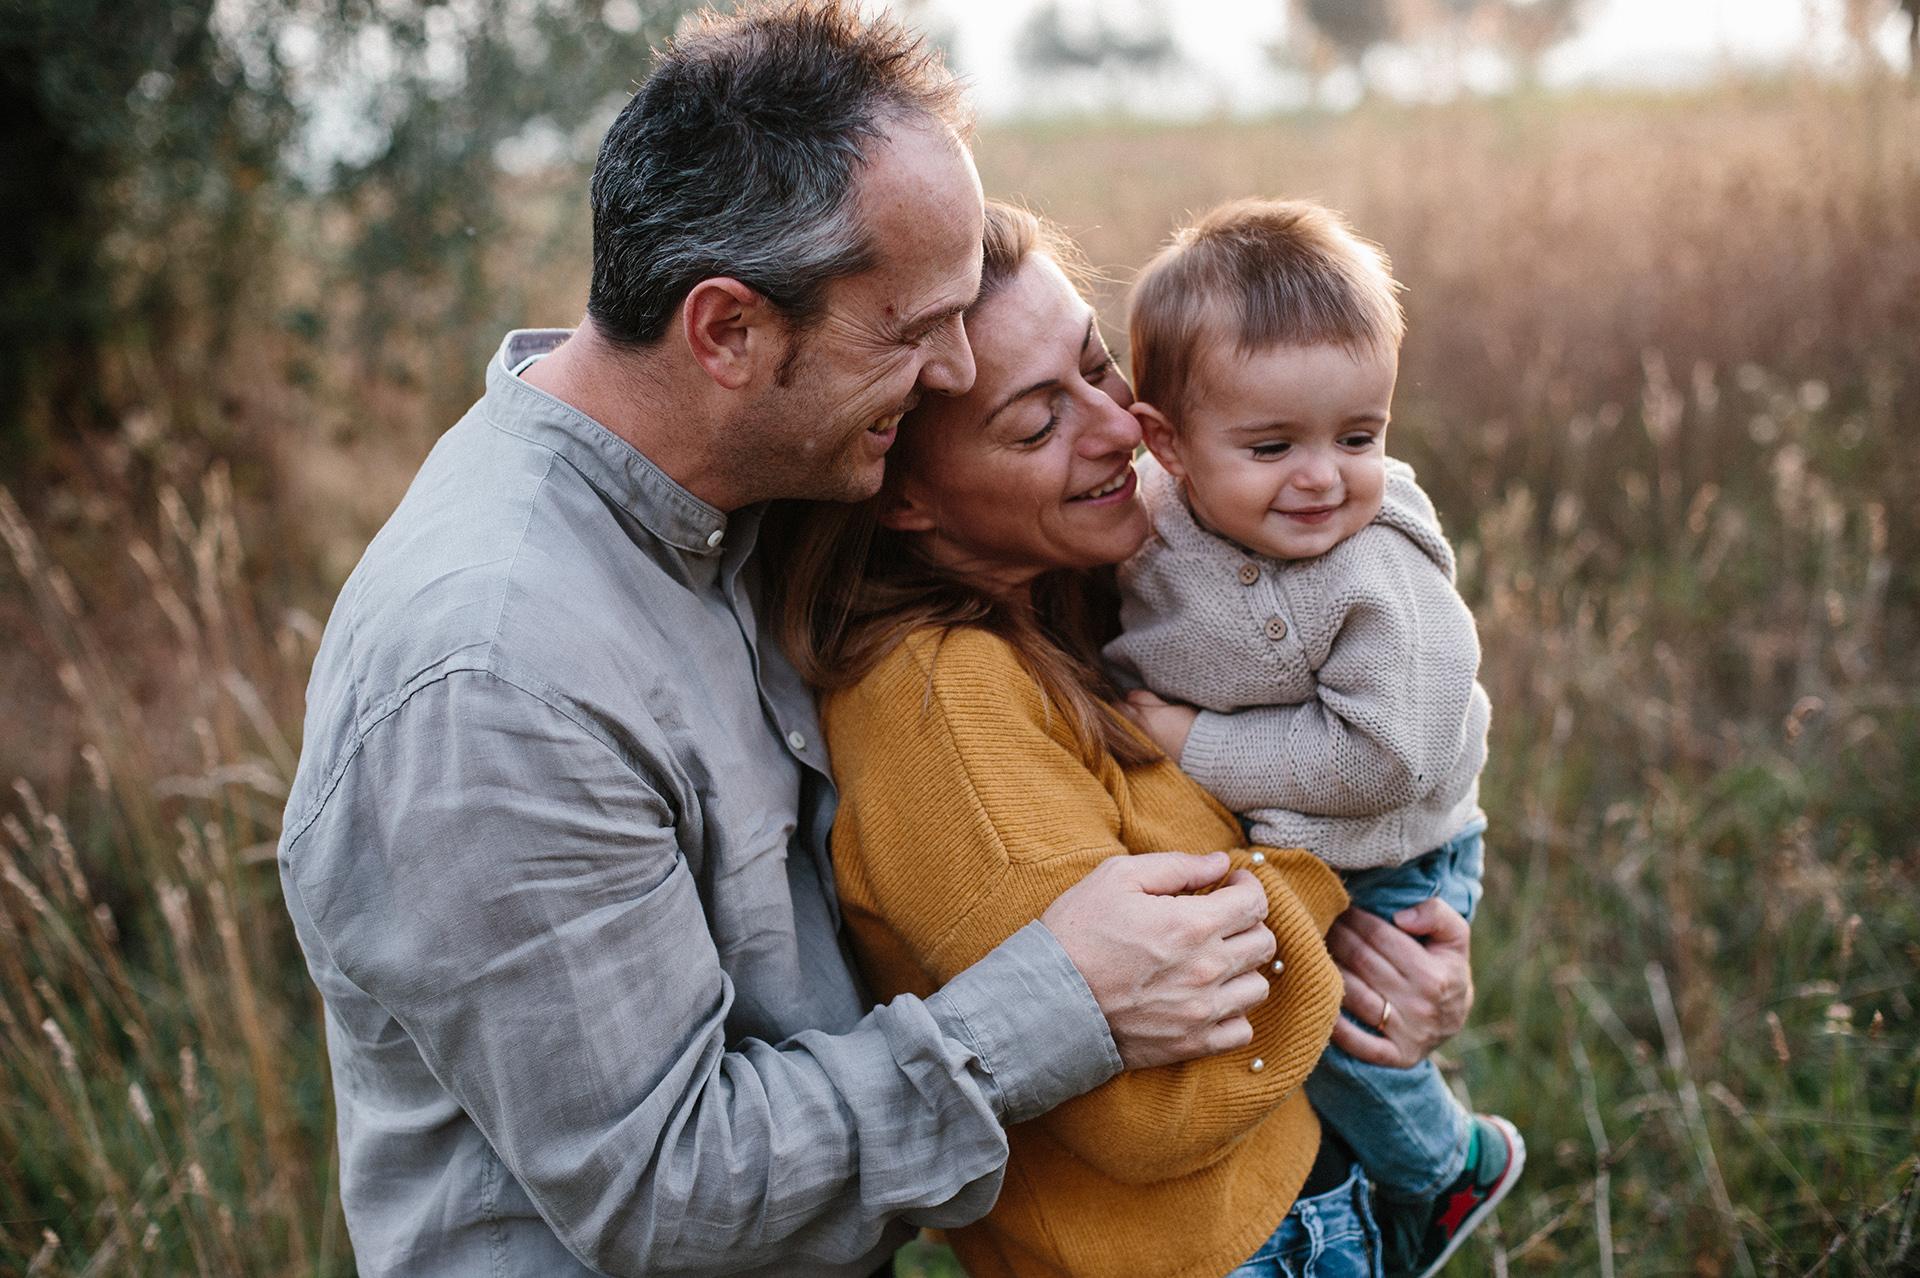 famiglia si abbraccia tra l'erba alta